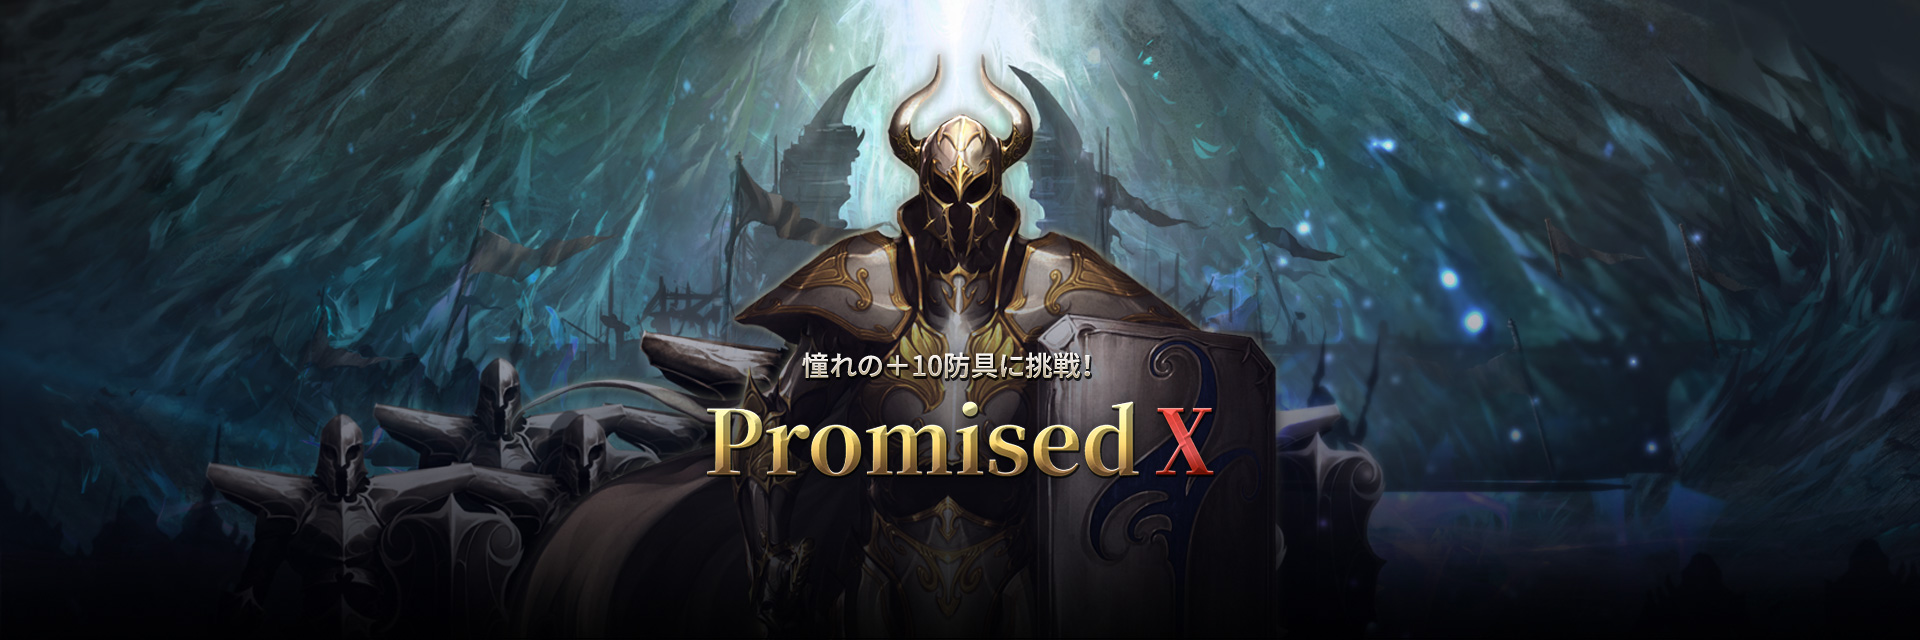 Promised X